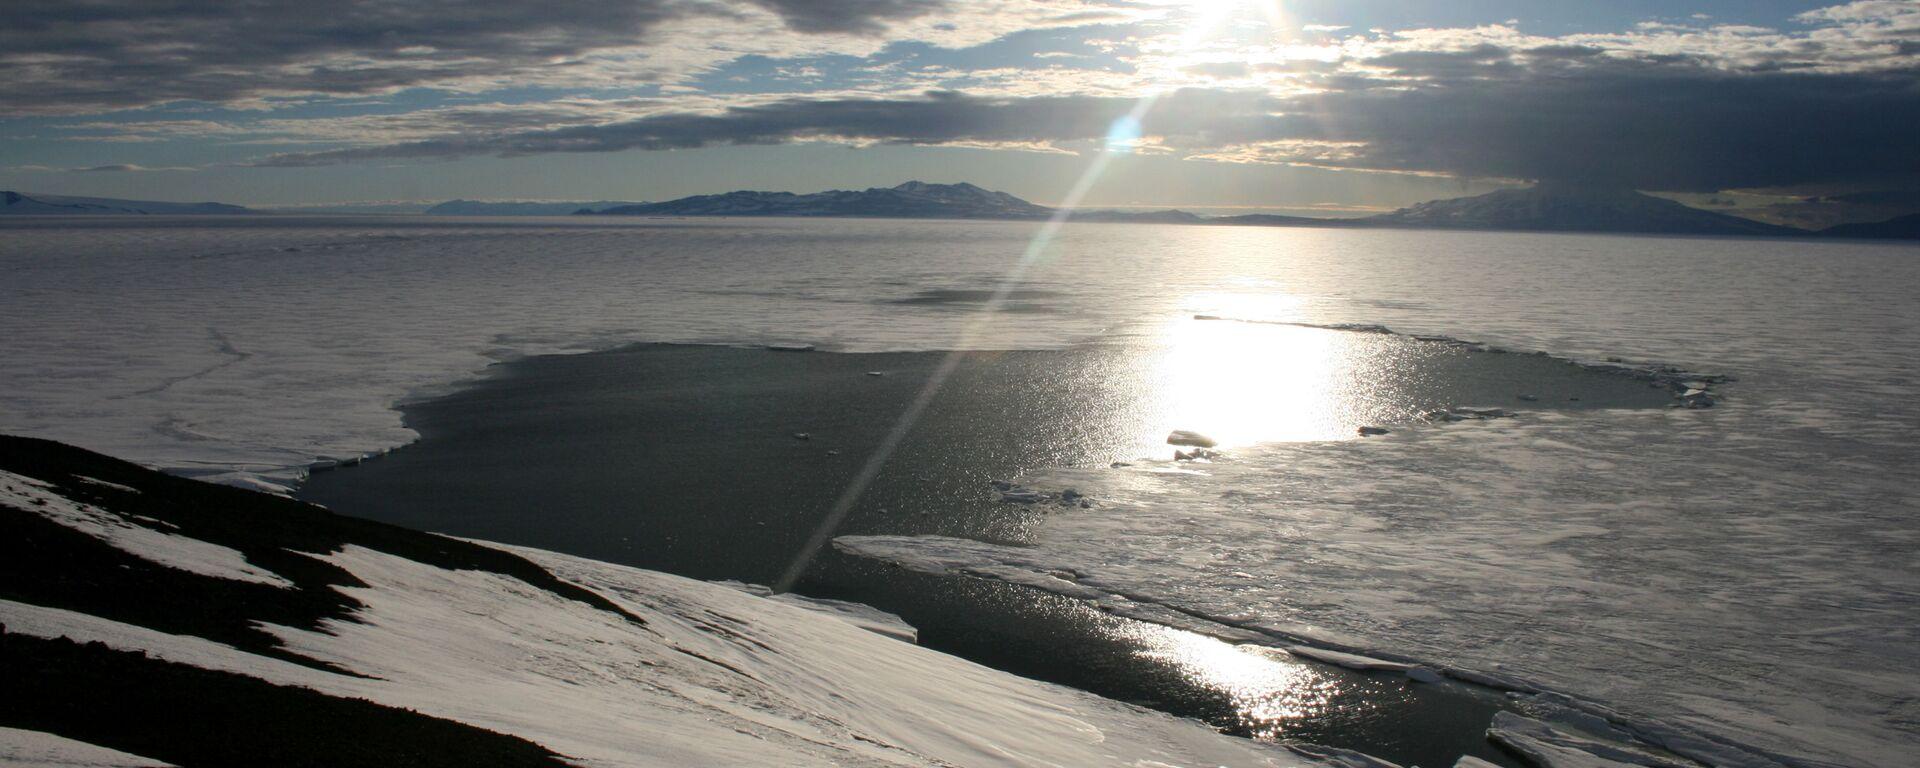 Tání ledu na Antarktidě - Sputnik Česká republika, 1920, 10.08.2021